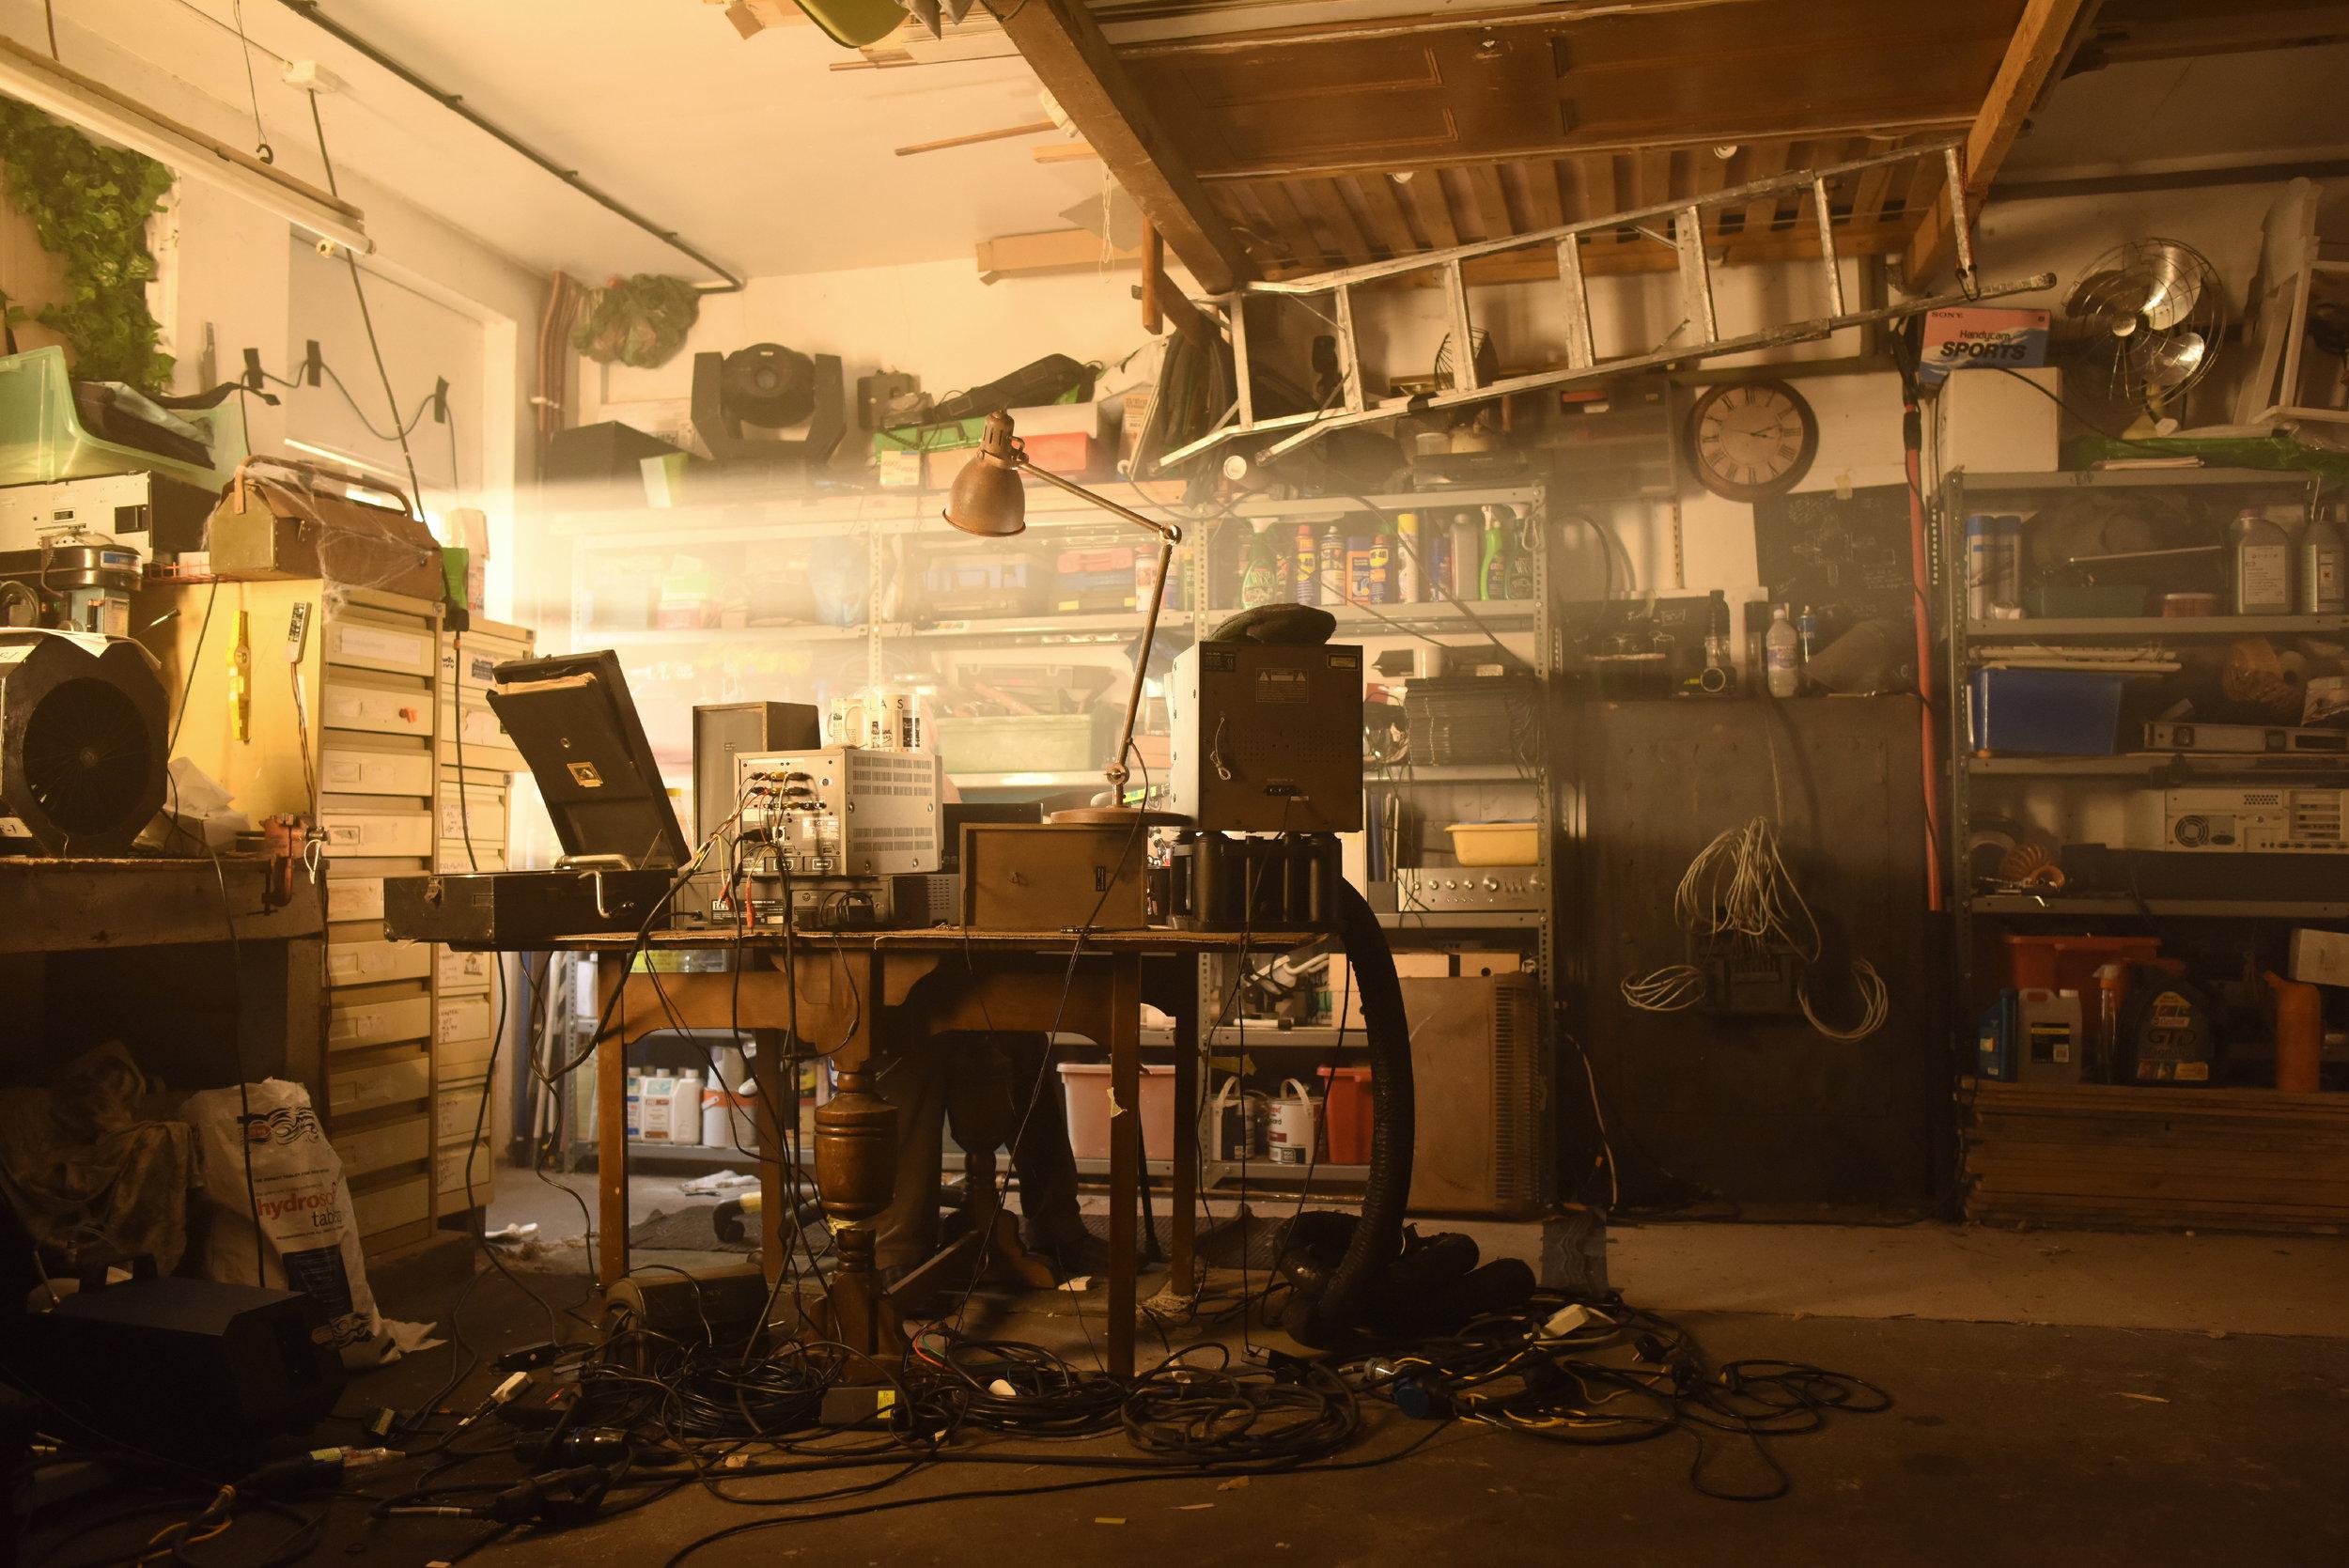 dance_production_still_08.jpg